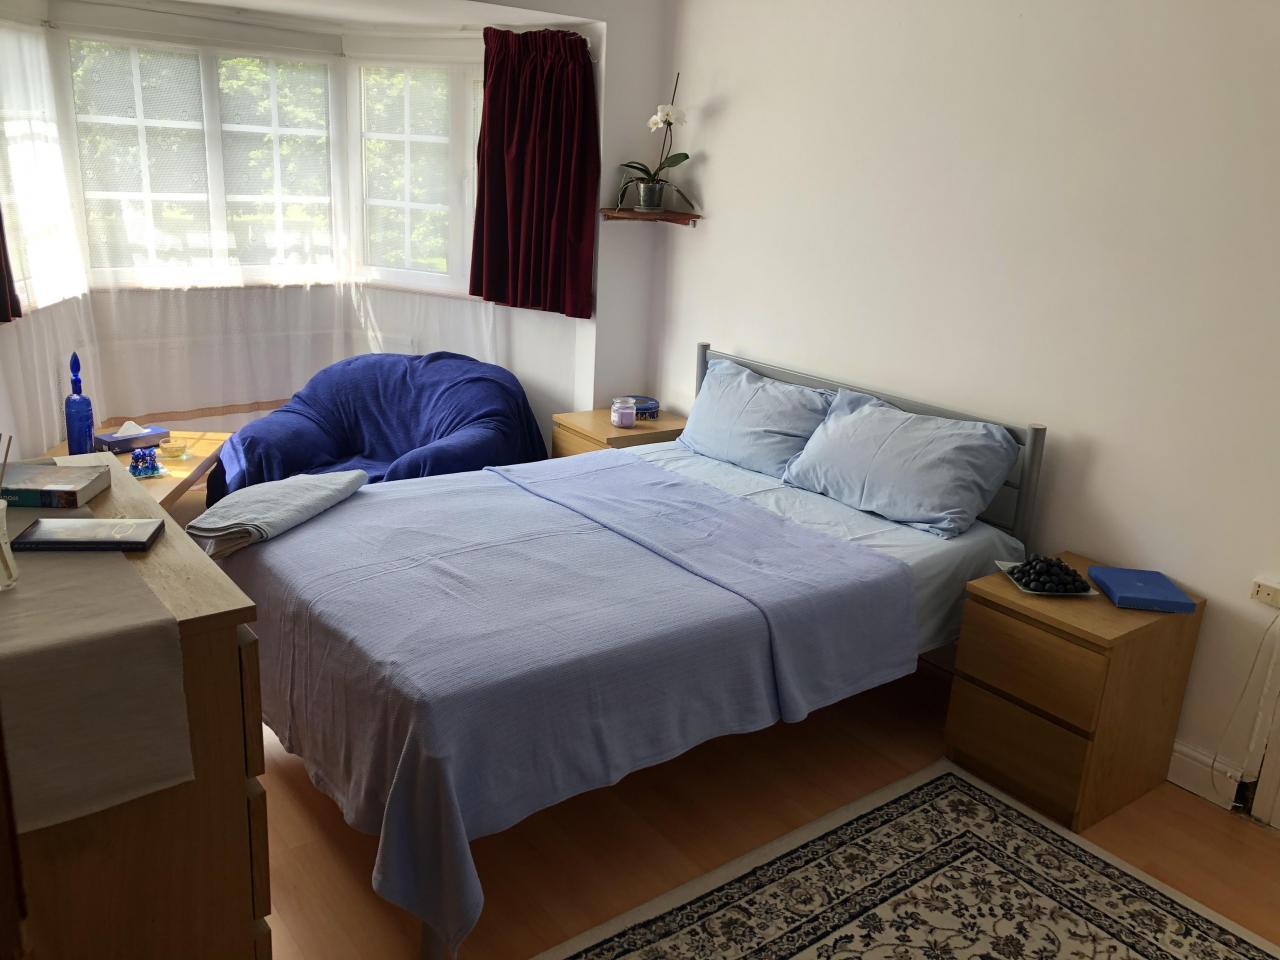 Сдается Double комната для одного на долгий период - 7